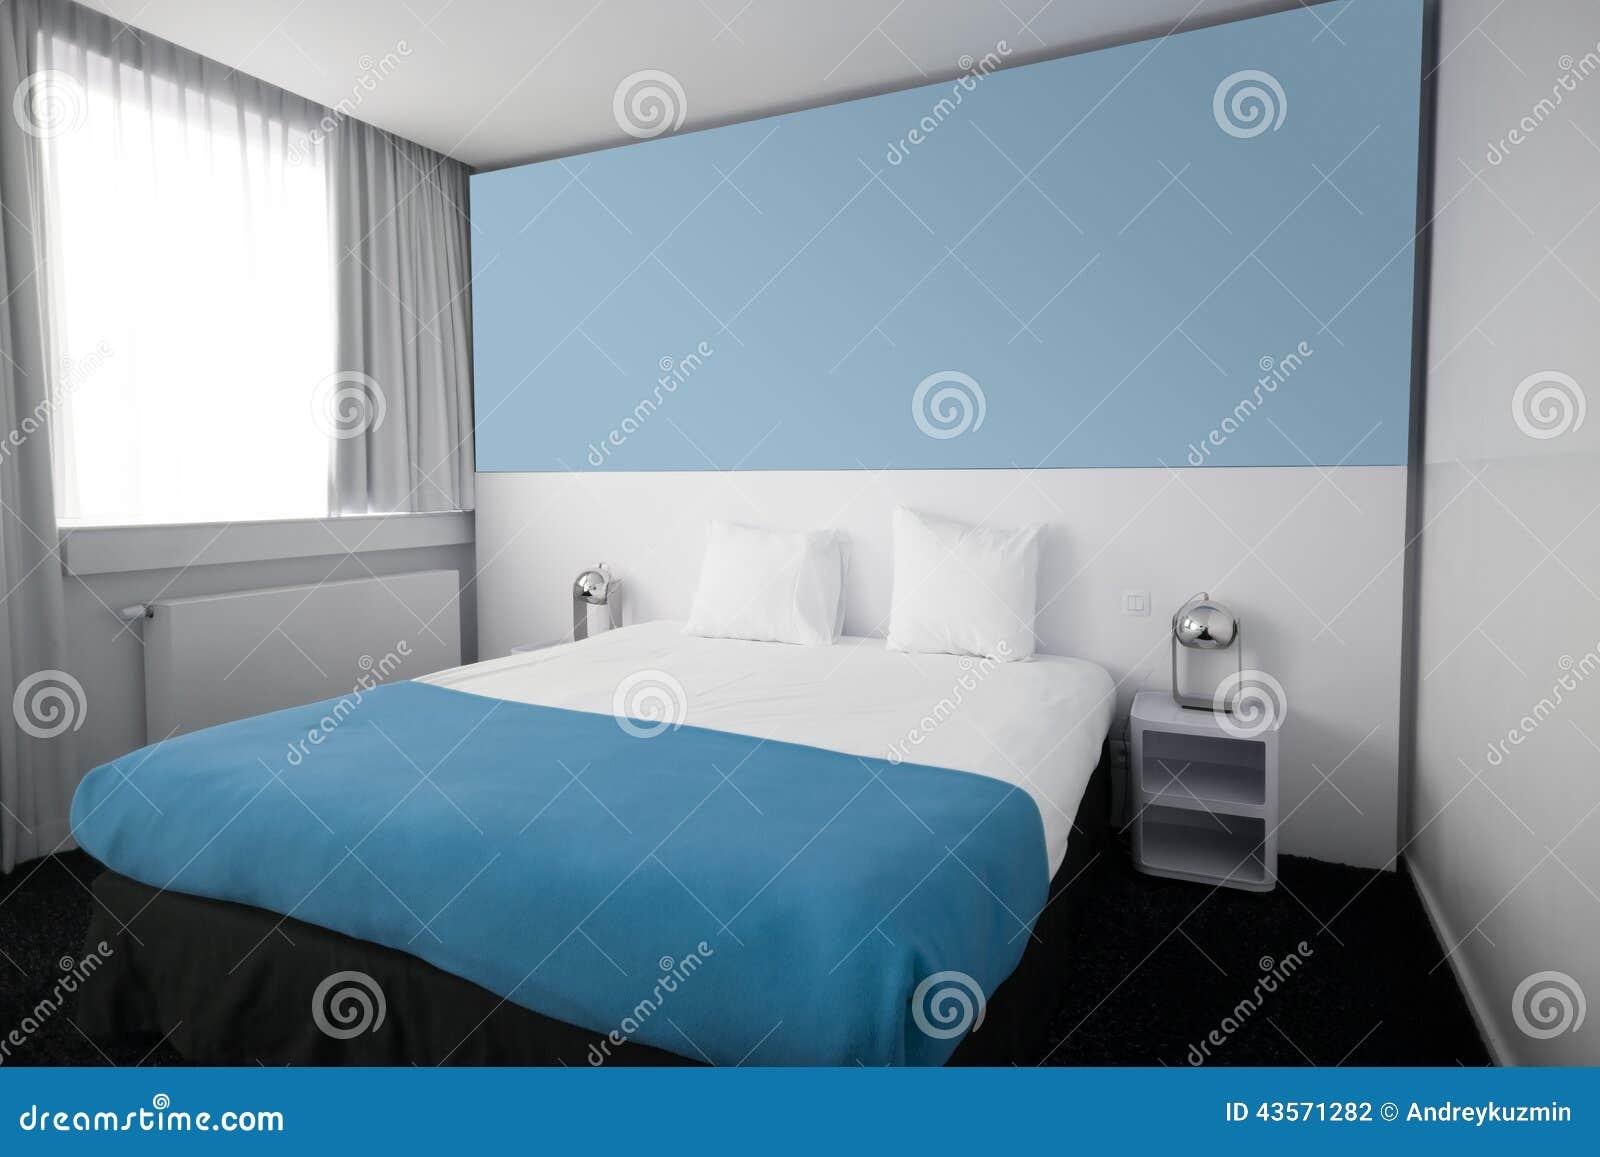 camera da letto o stanza dell'hotel fotografia stock - immagine ... - Camera Da Letto O